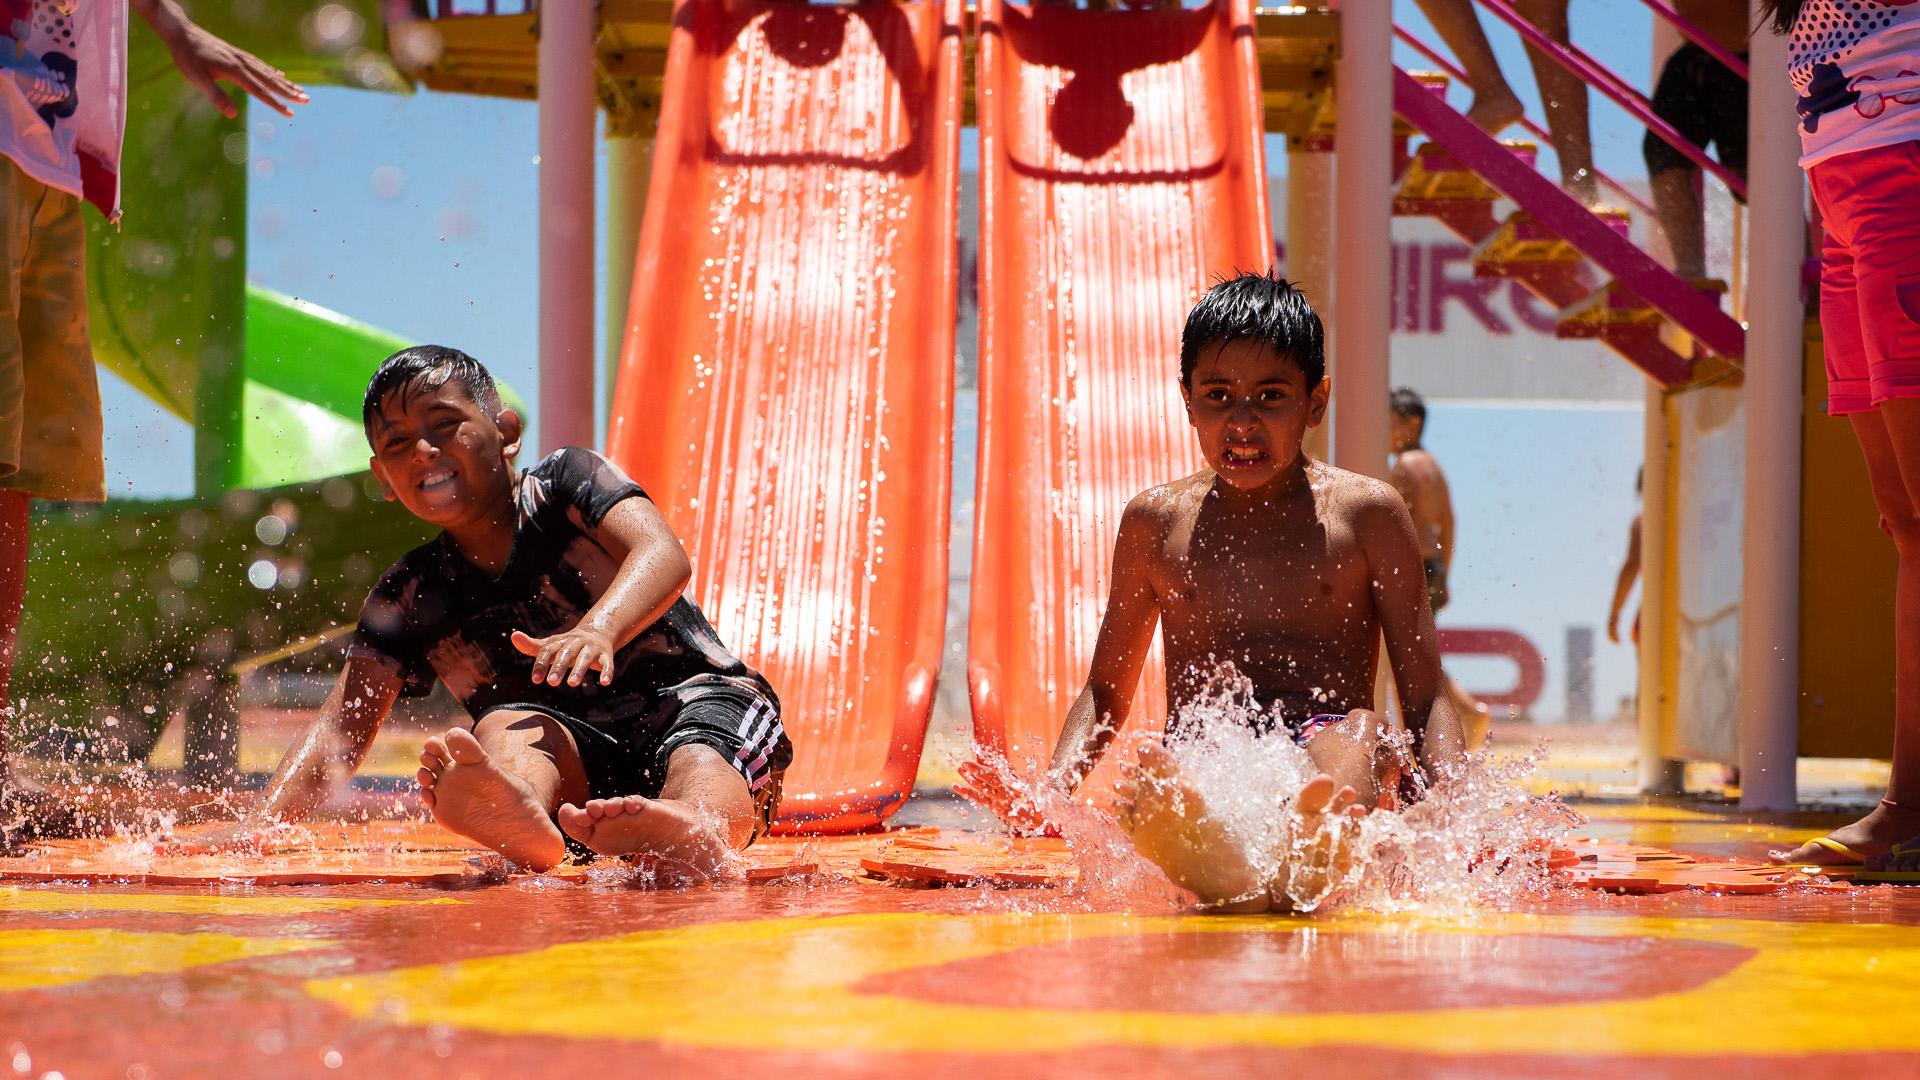 La plaza mojada permite que los chicos se deslicen por toboganes regados por agua